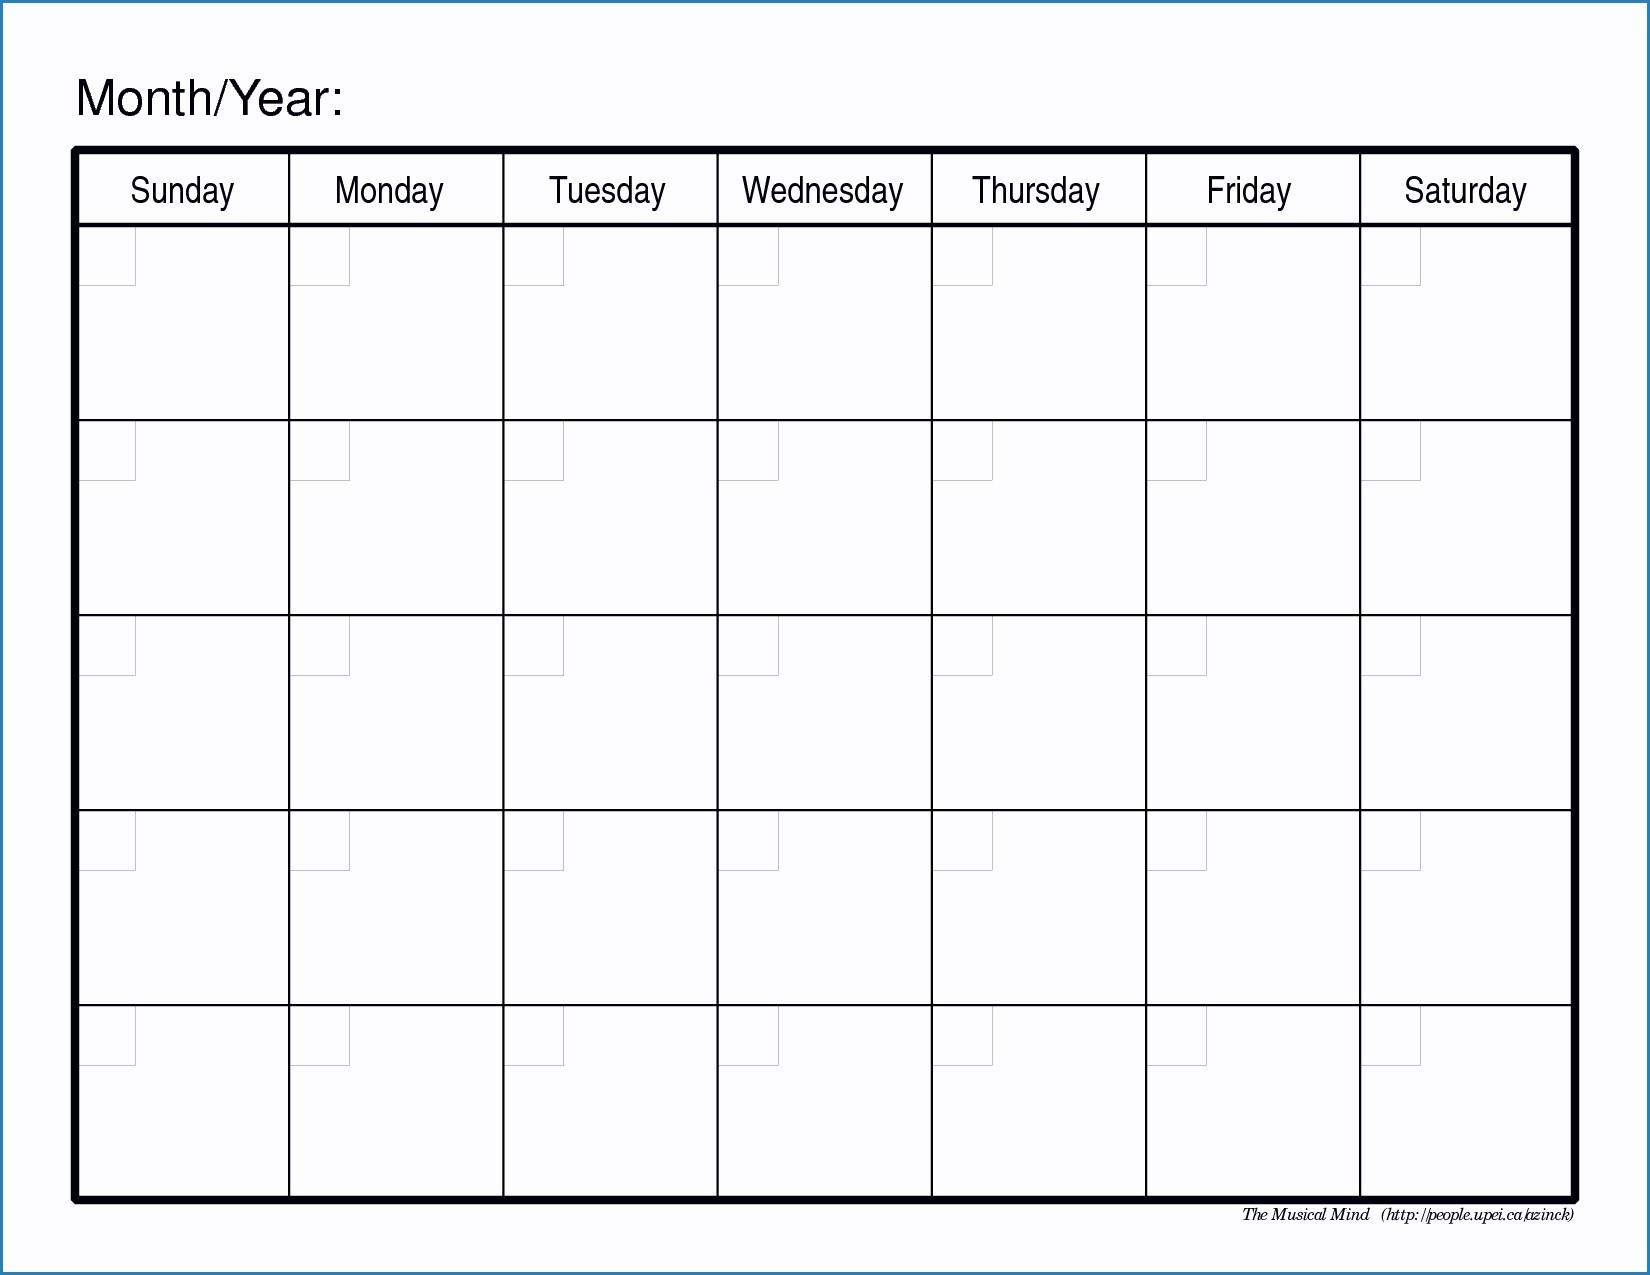 March Calendar Calligraphy Actual Neu Zahlen Vorlagen Zum Ausdrucken — Omnomgno Of March Calendar Calligraphy Más Recientes 007 Blank Calendar Printable Template March Excel Uohrjx Tweyig Free